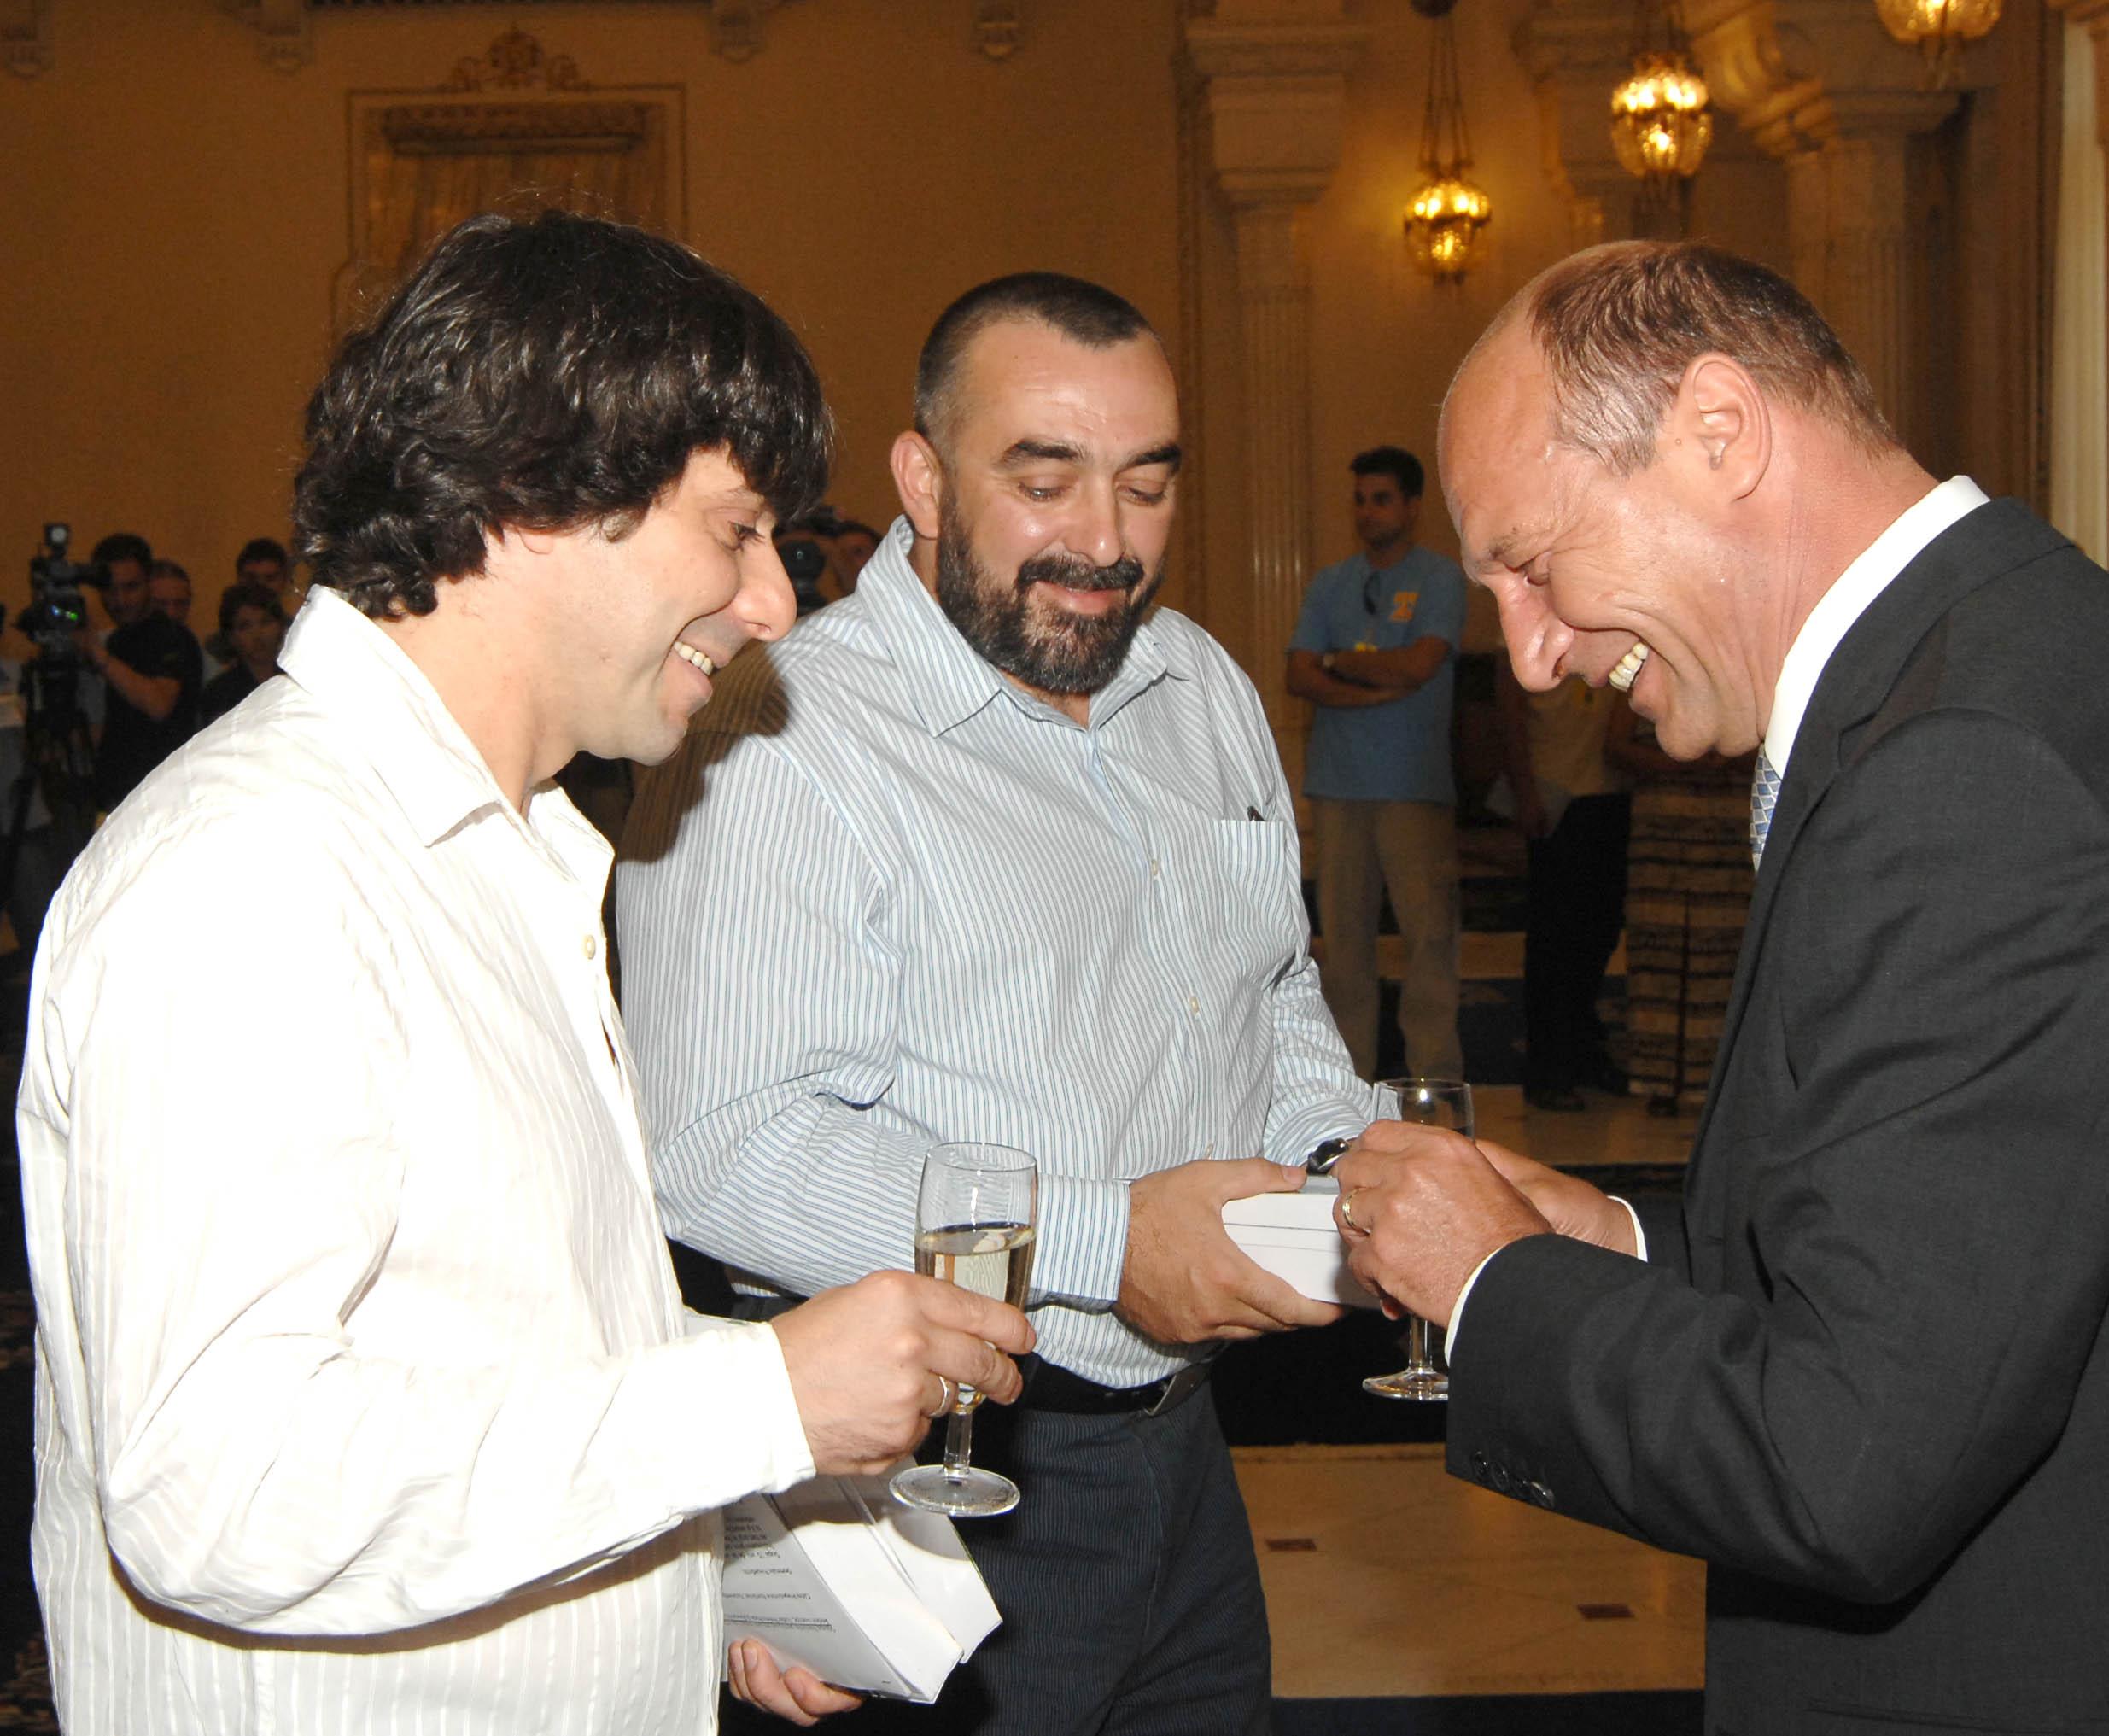 Fratii Roncea, golanii de ieri, membri fondatori ai Partidului Romania Unita